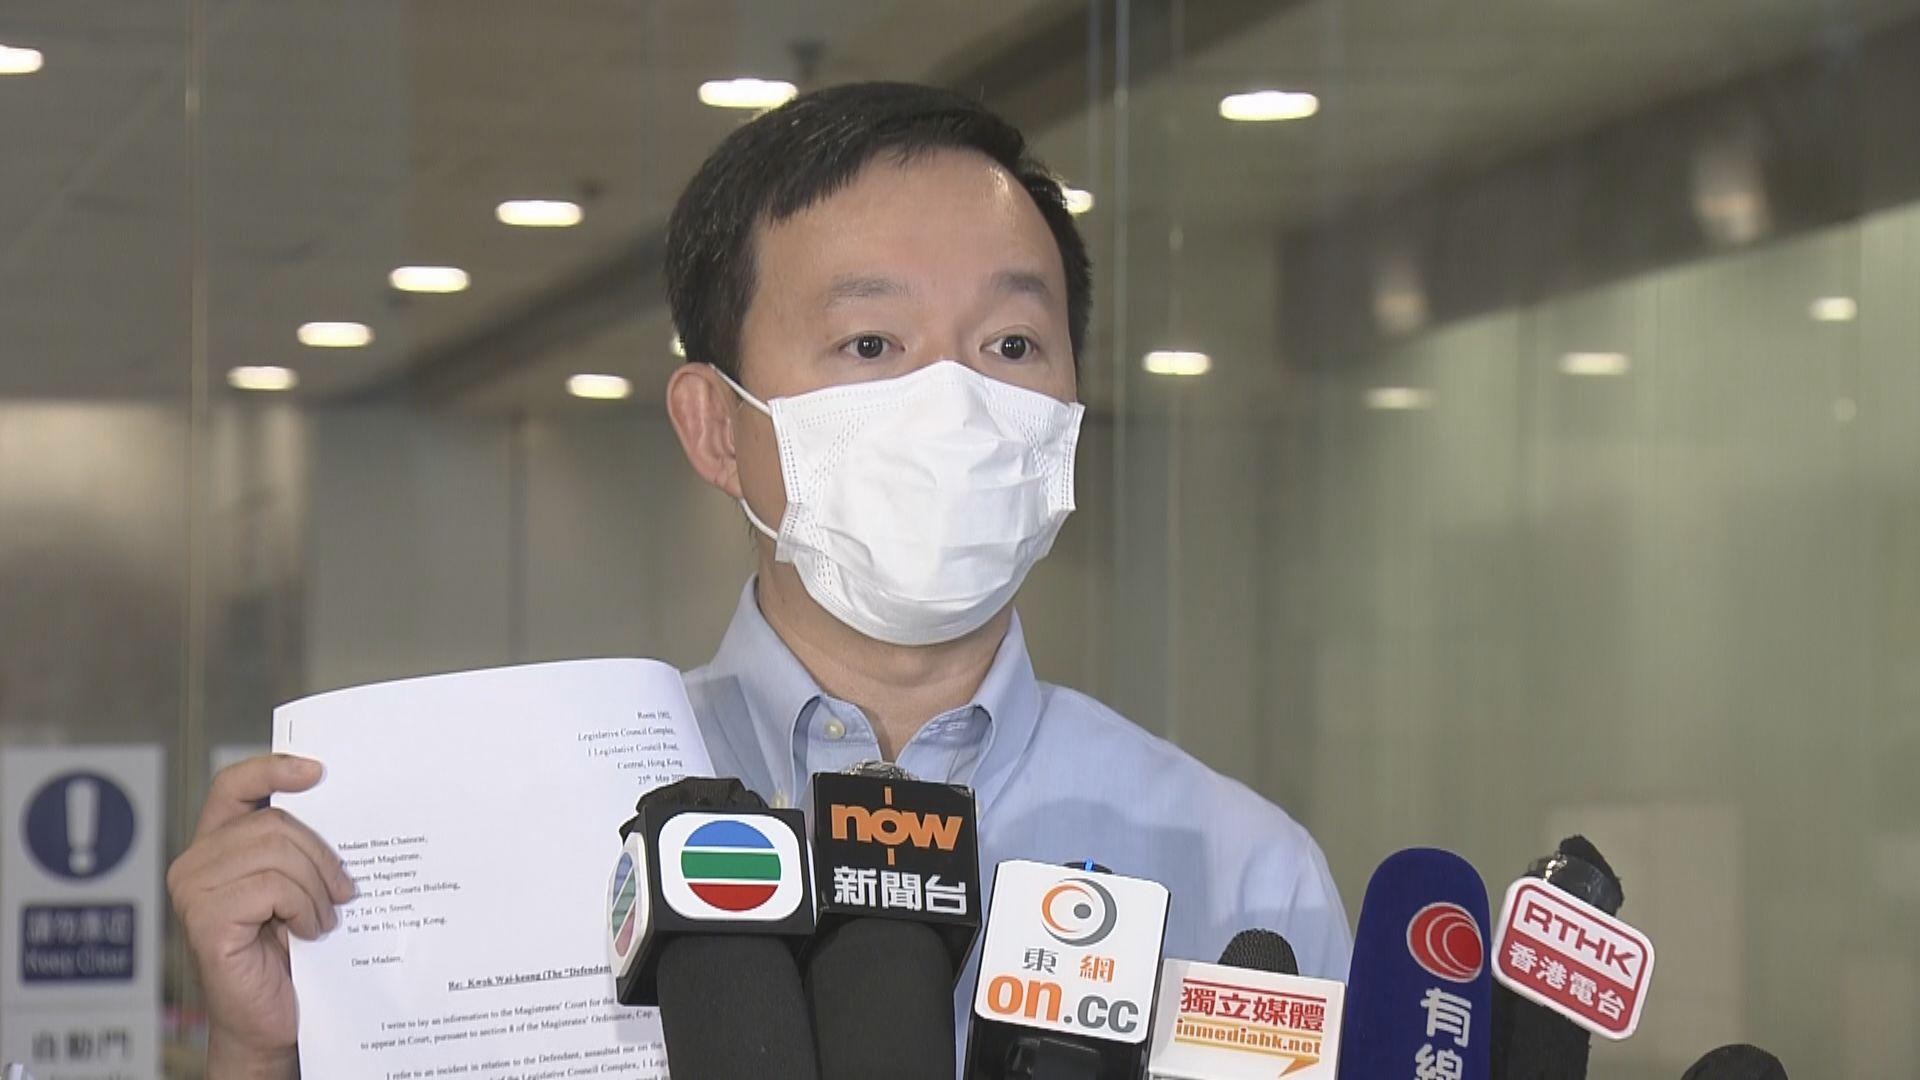 陳志全入稟私人檢控郭偉强普通襲擊 工聯會指不評論事件